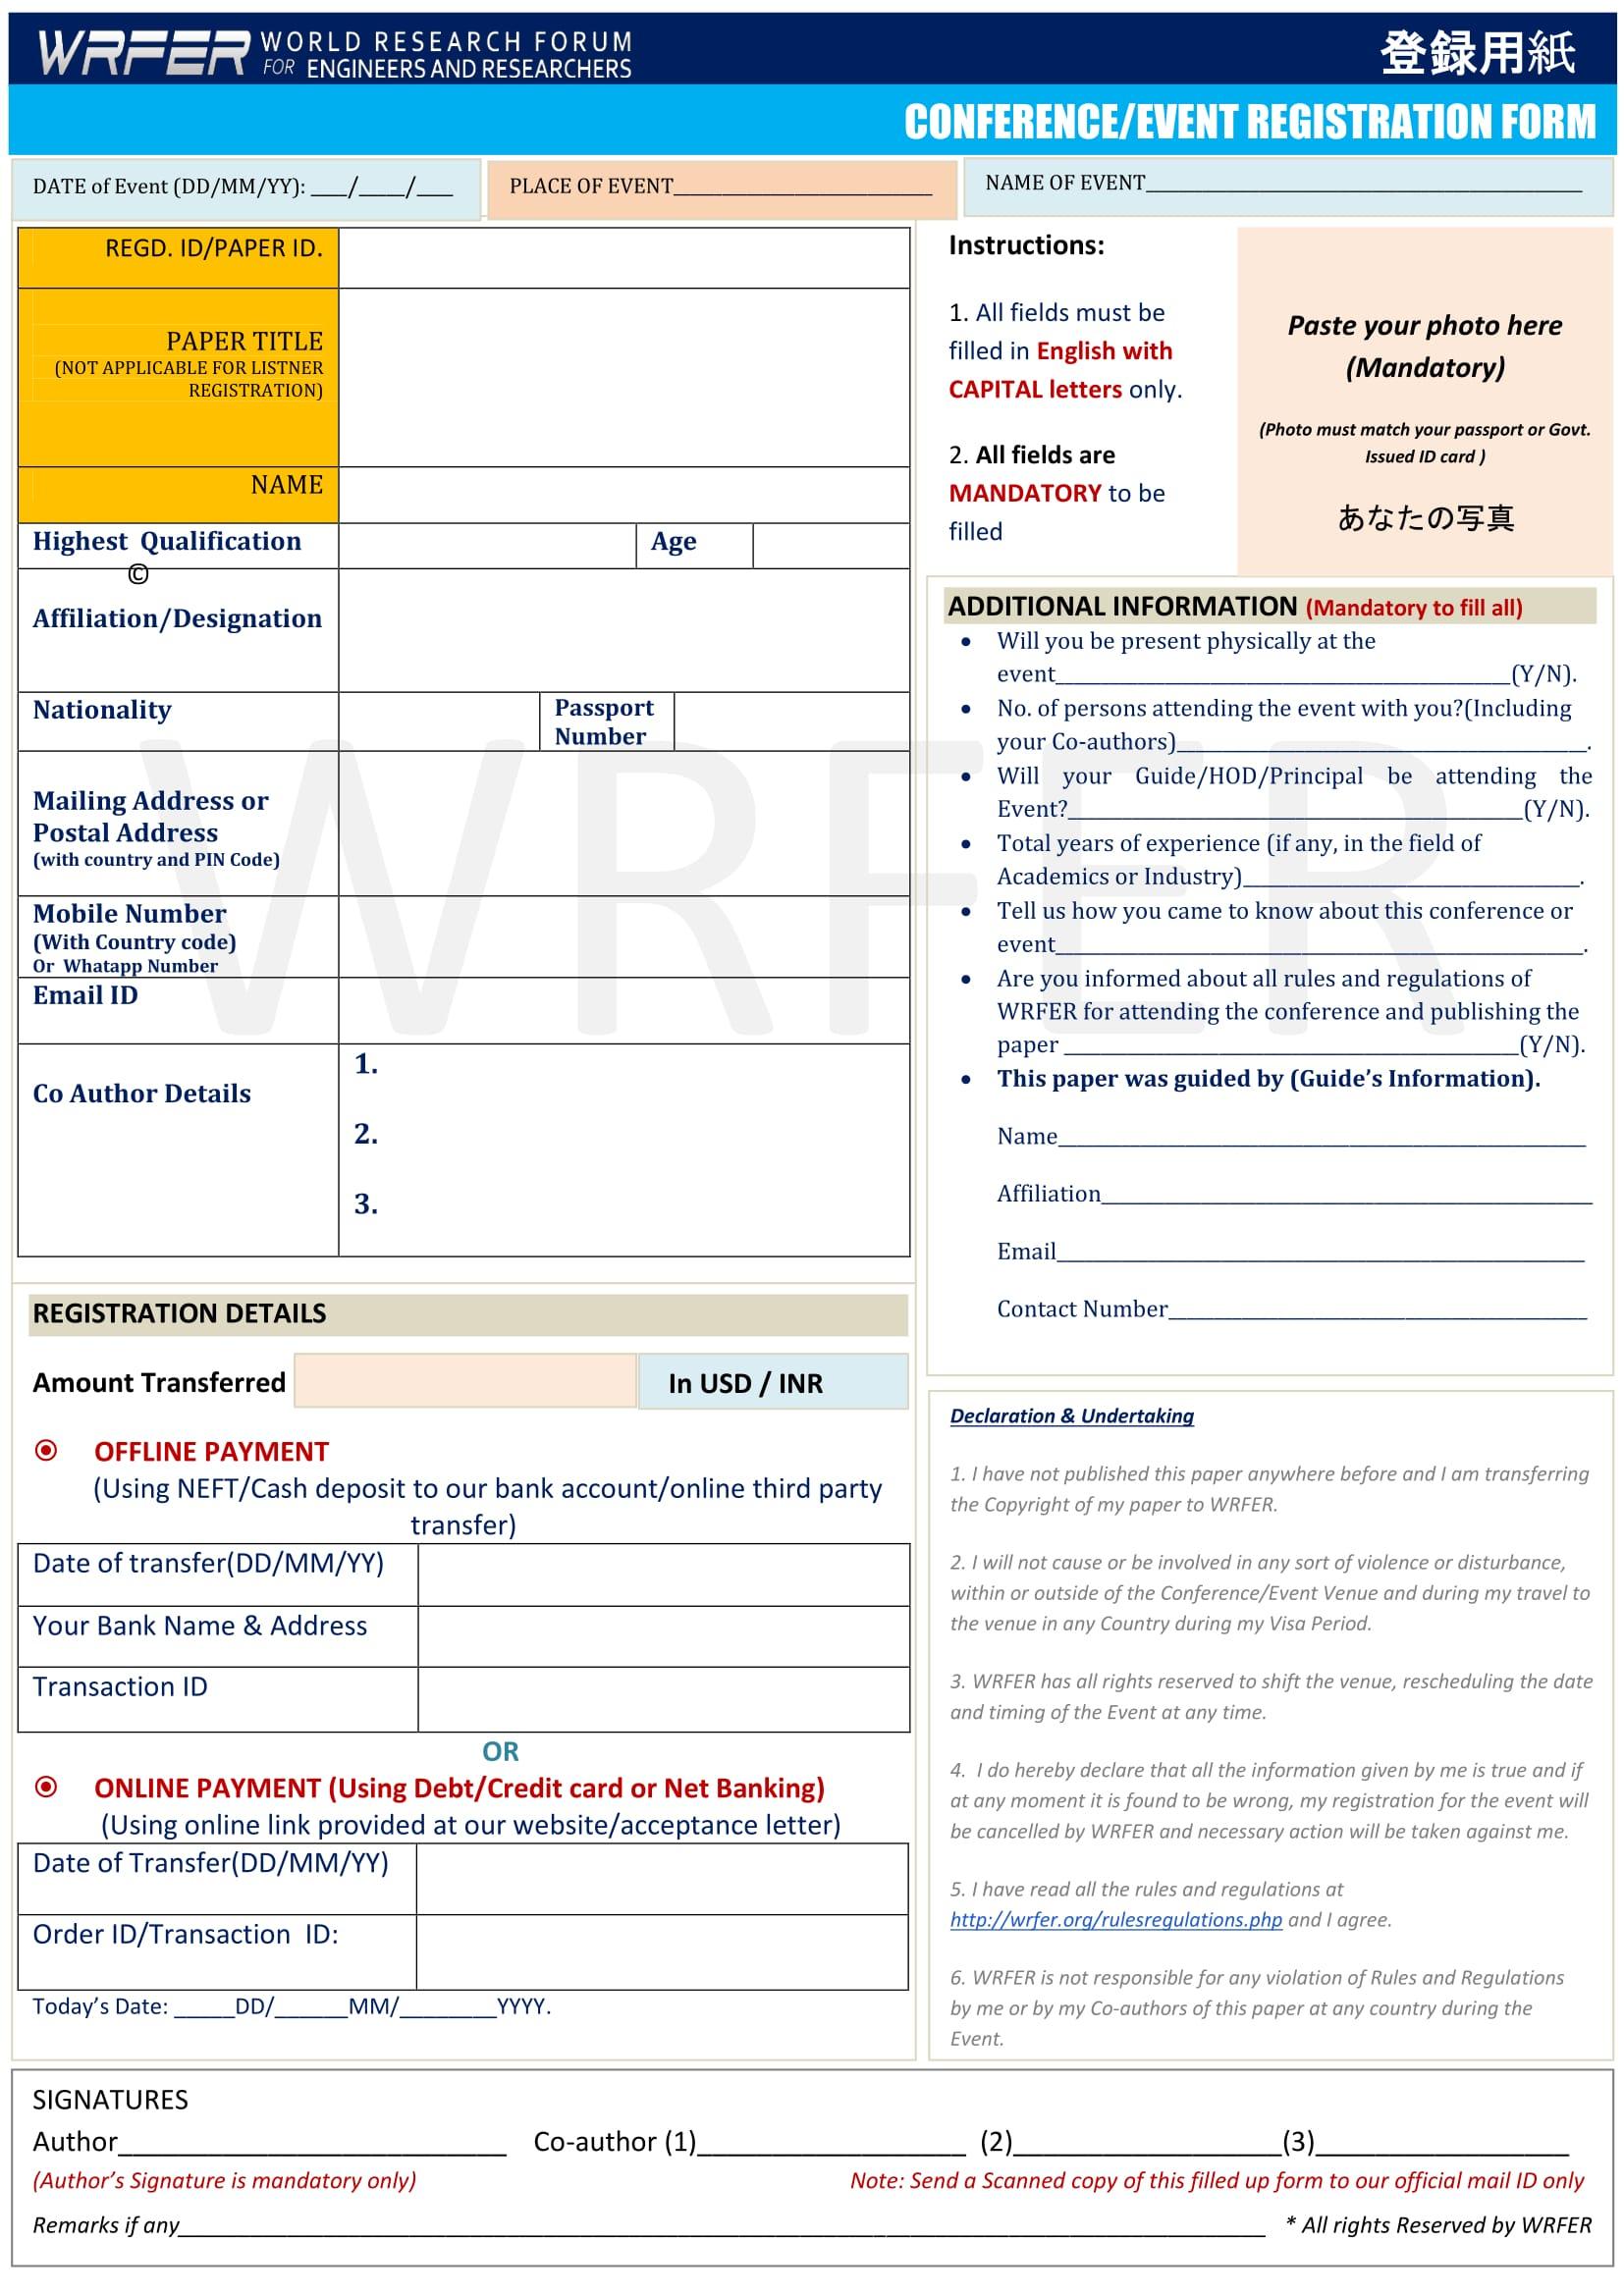 conference event registration form 11